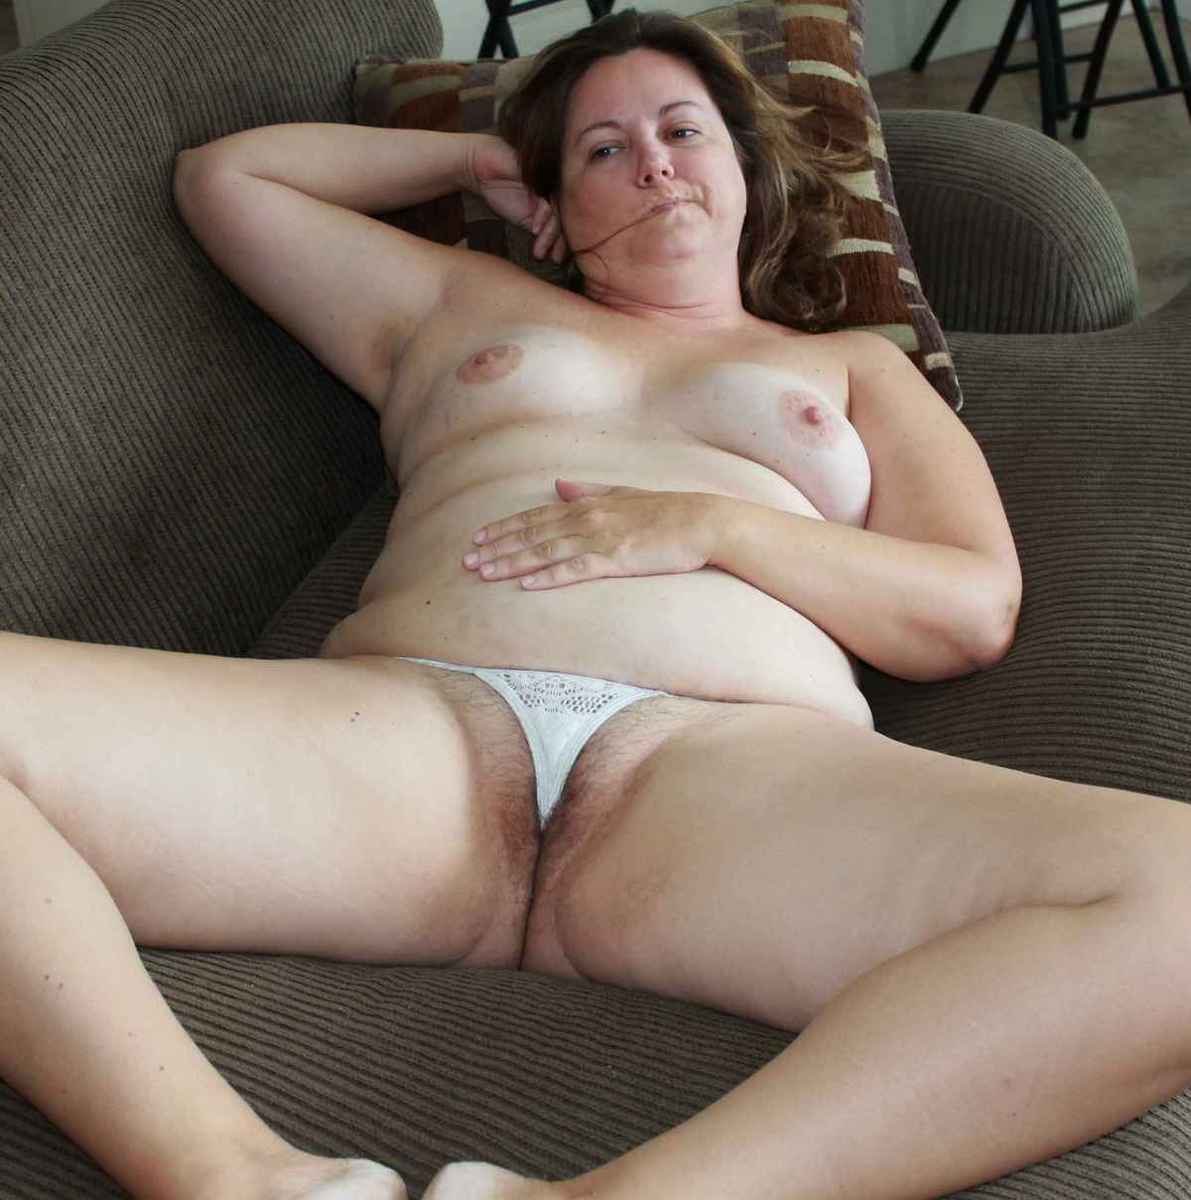 Grosse maman poilue écarte les cuisses sur le canapé ...